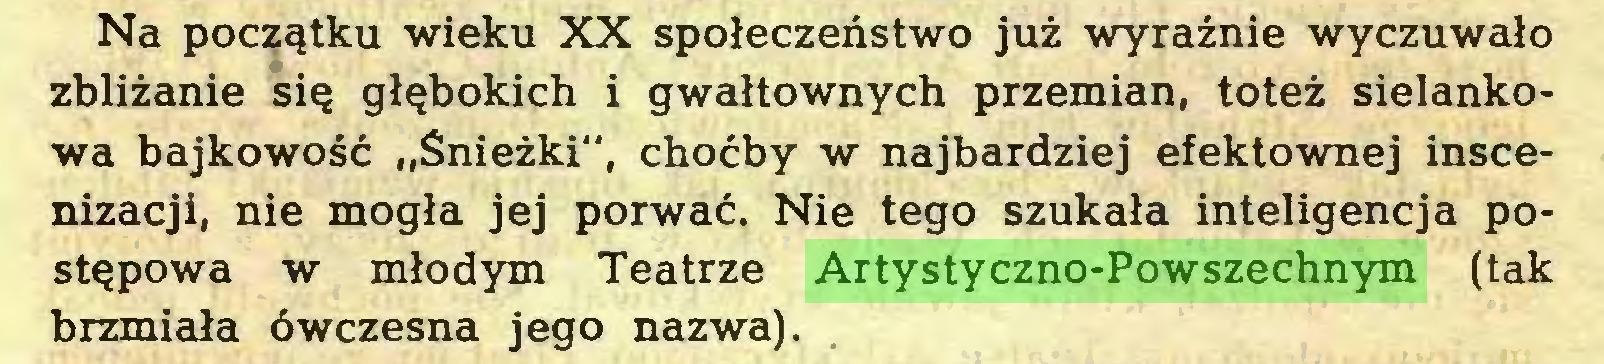 """(...) Na początku wieku XX społeczeństwo już wyraźnie wyczuwało zbliżanie się głębokich i gwałtownych przemian, toteż sielankowa bajkowość """"Śnieżki"""", choćby w najbardziej efektownej inscenizacji, nie mogła jej porwać. Nie tego szukała inteligencja postępowa w młodym Teatrze Artystyczno-Powszechnym (tak brzmiała ówczesna jego nazwa)..."""